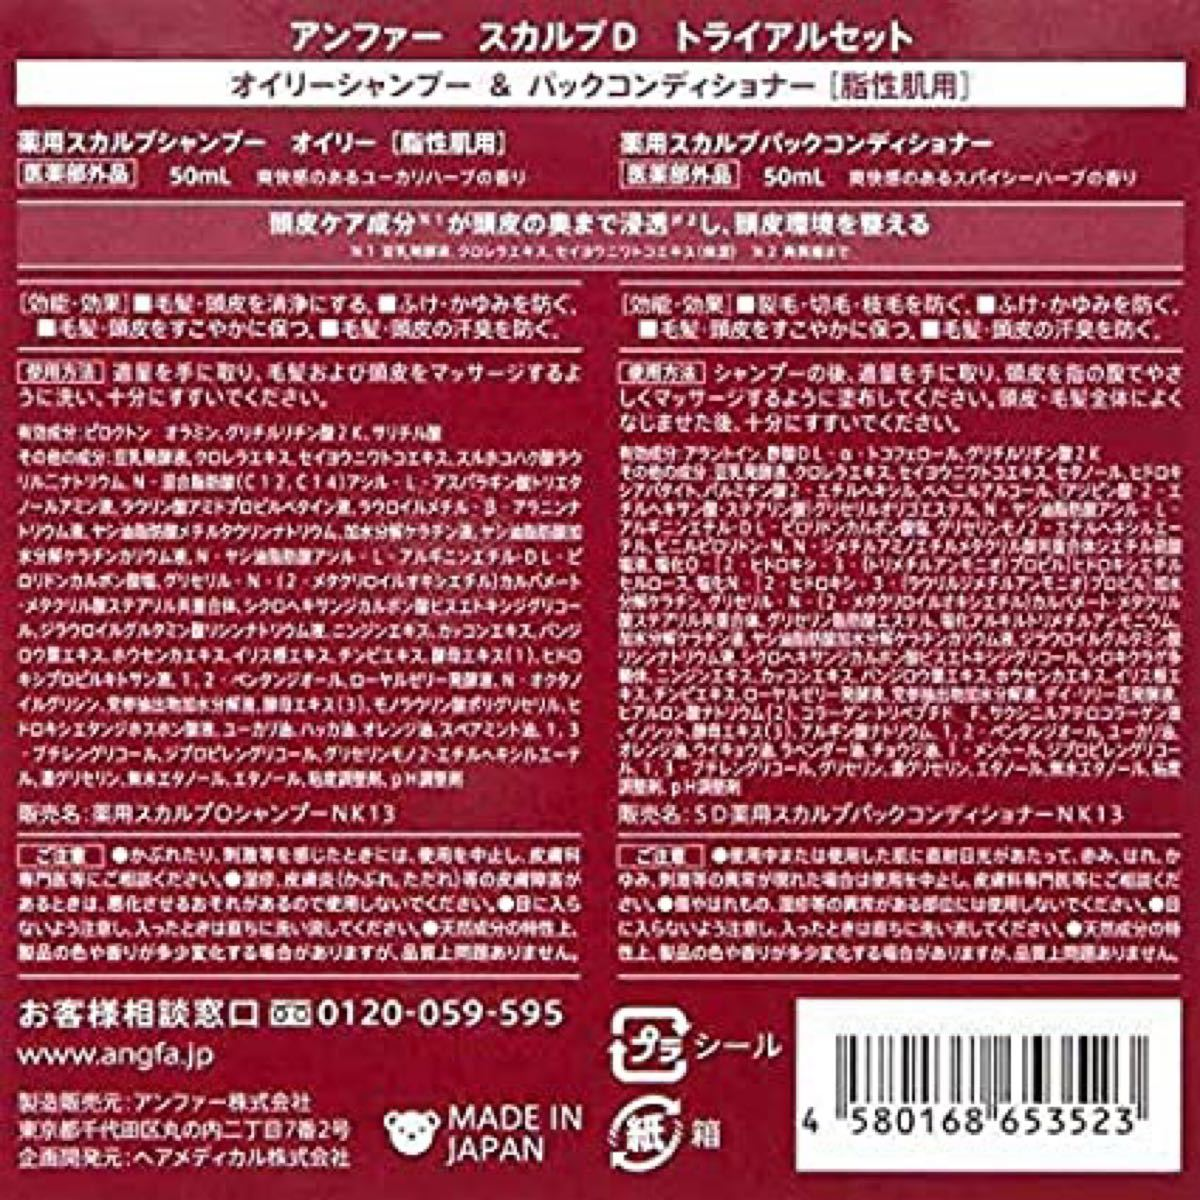 100円のお値下げにてご検討ください【新品・未使用】薬用スカルプ シャンプー&コンディショナー トライアルセット